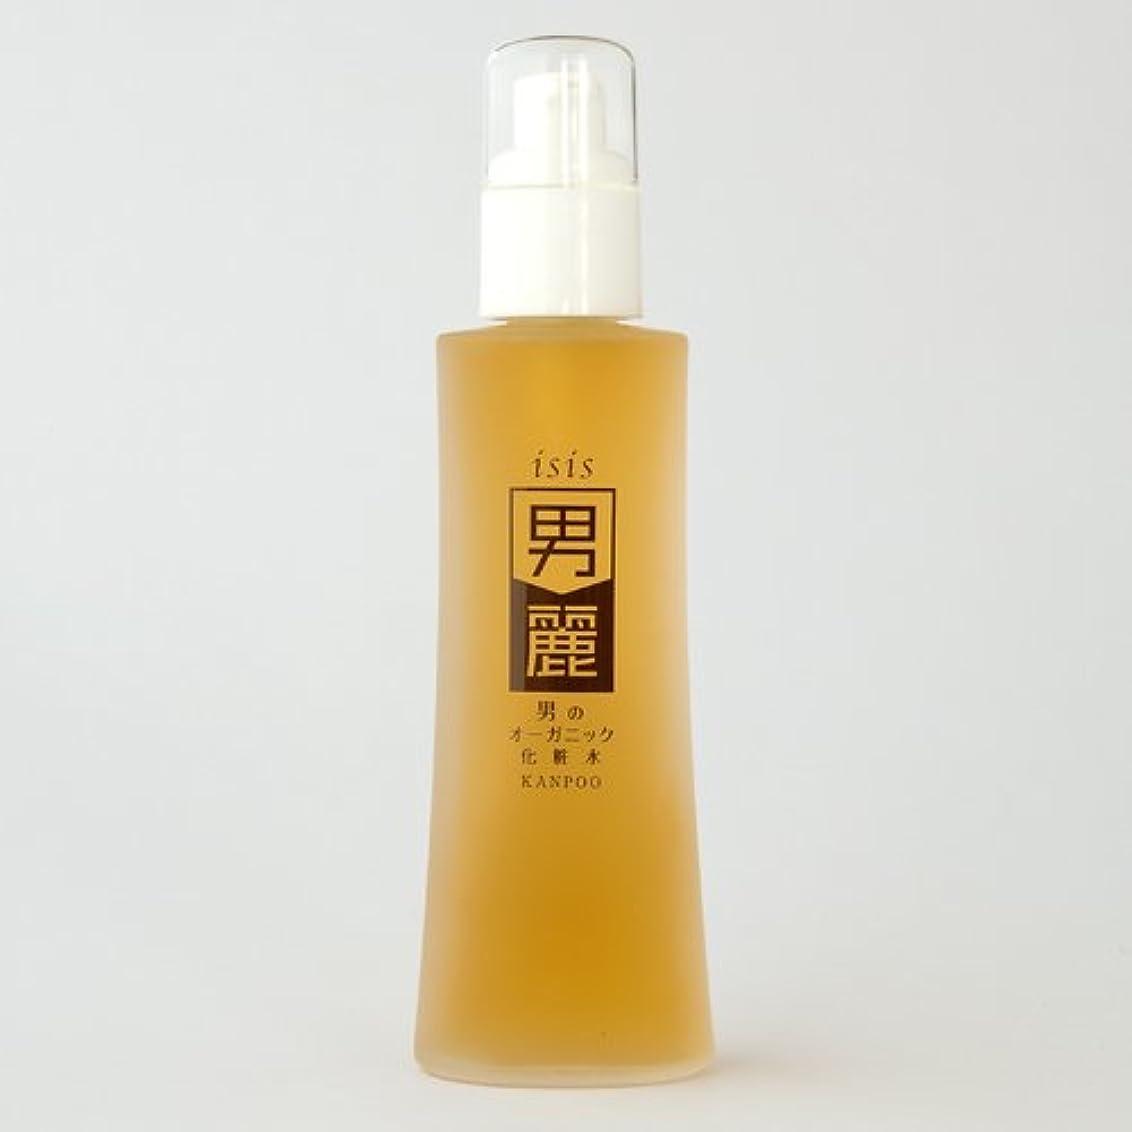 セグメントジャケット蒸留する漢萌(KANPOO) 男のオーガニック化粧水 男麗 120ml